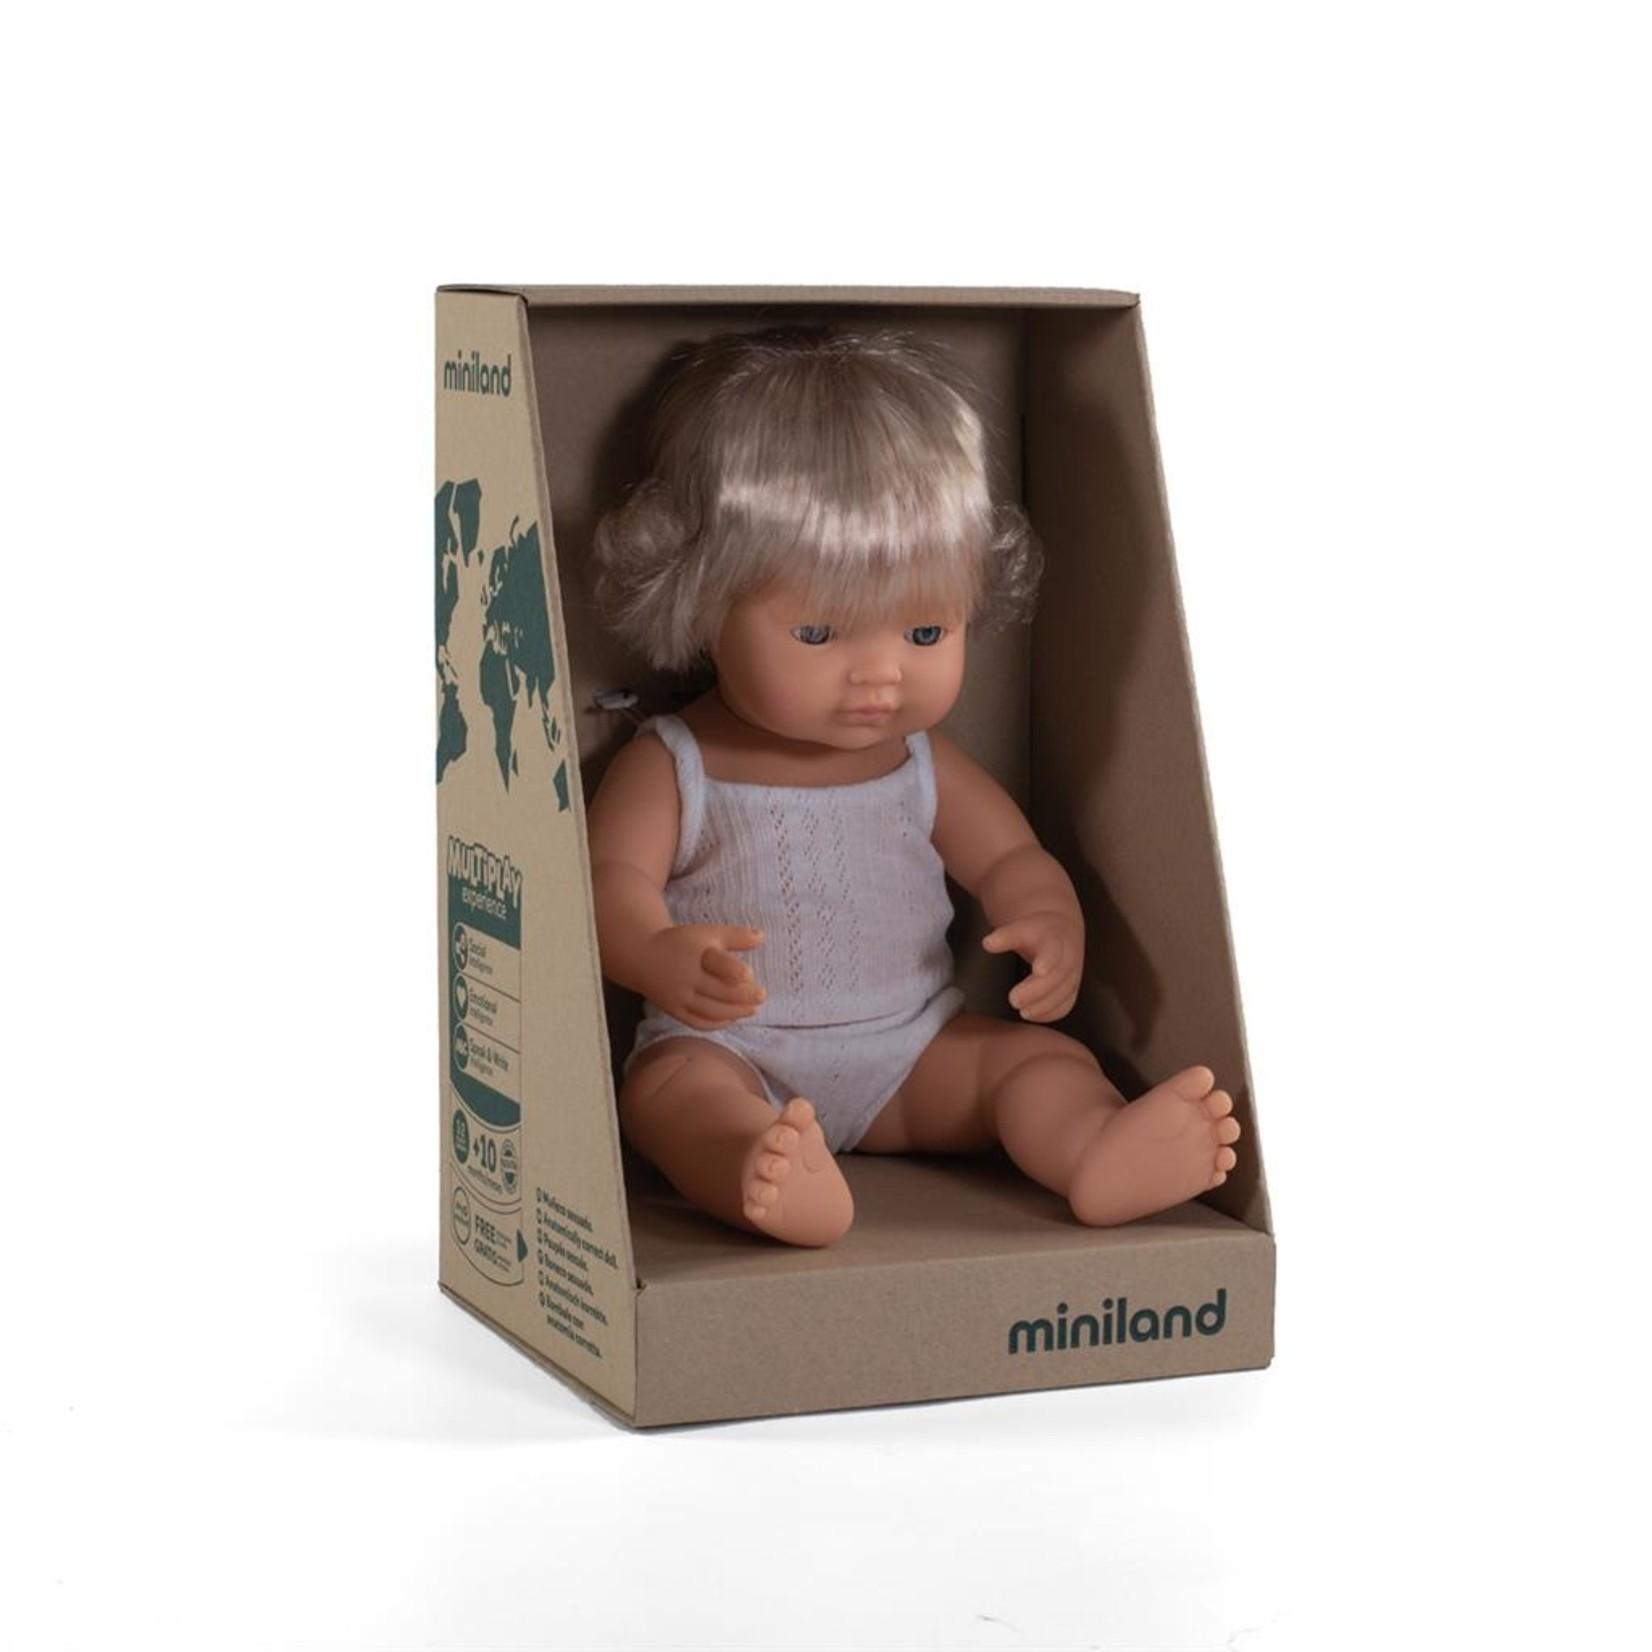 Miniland Miniland Babypop meisje 38cm met vanillegeur